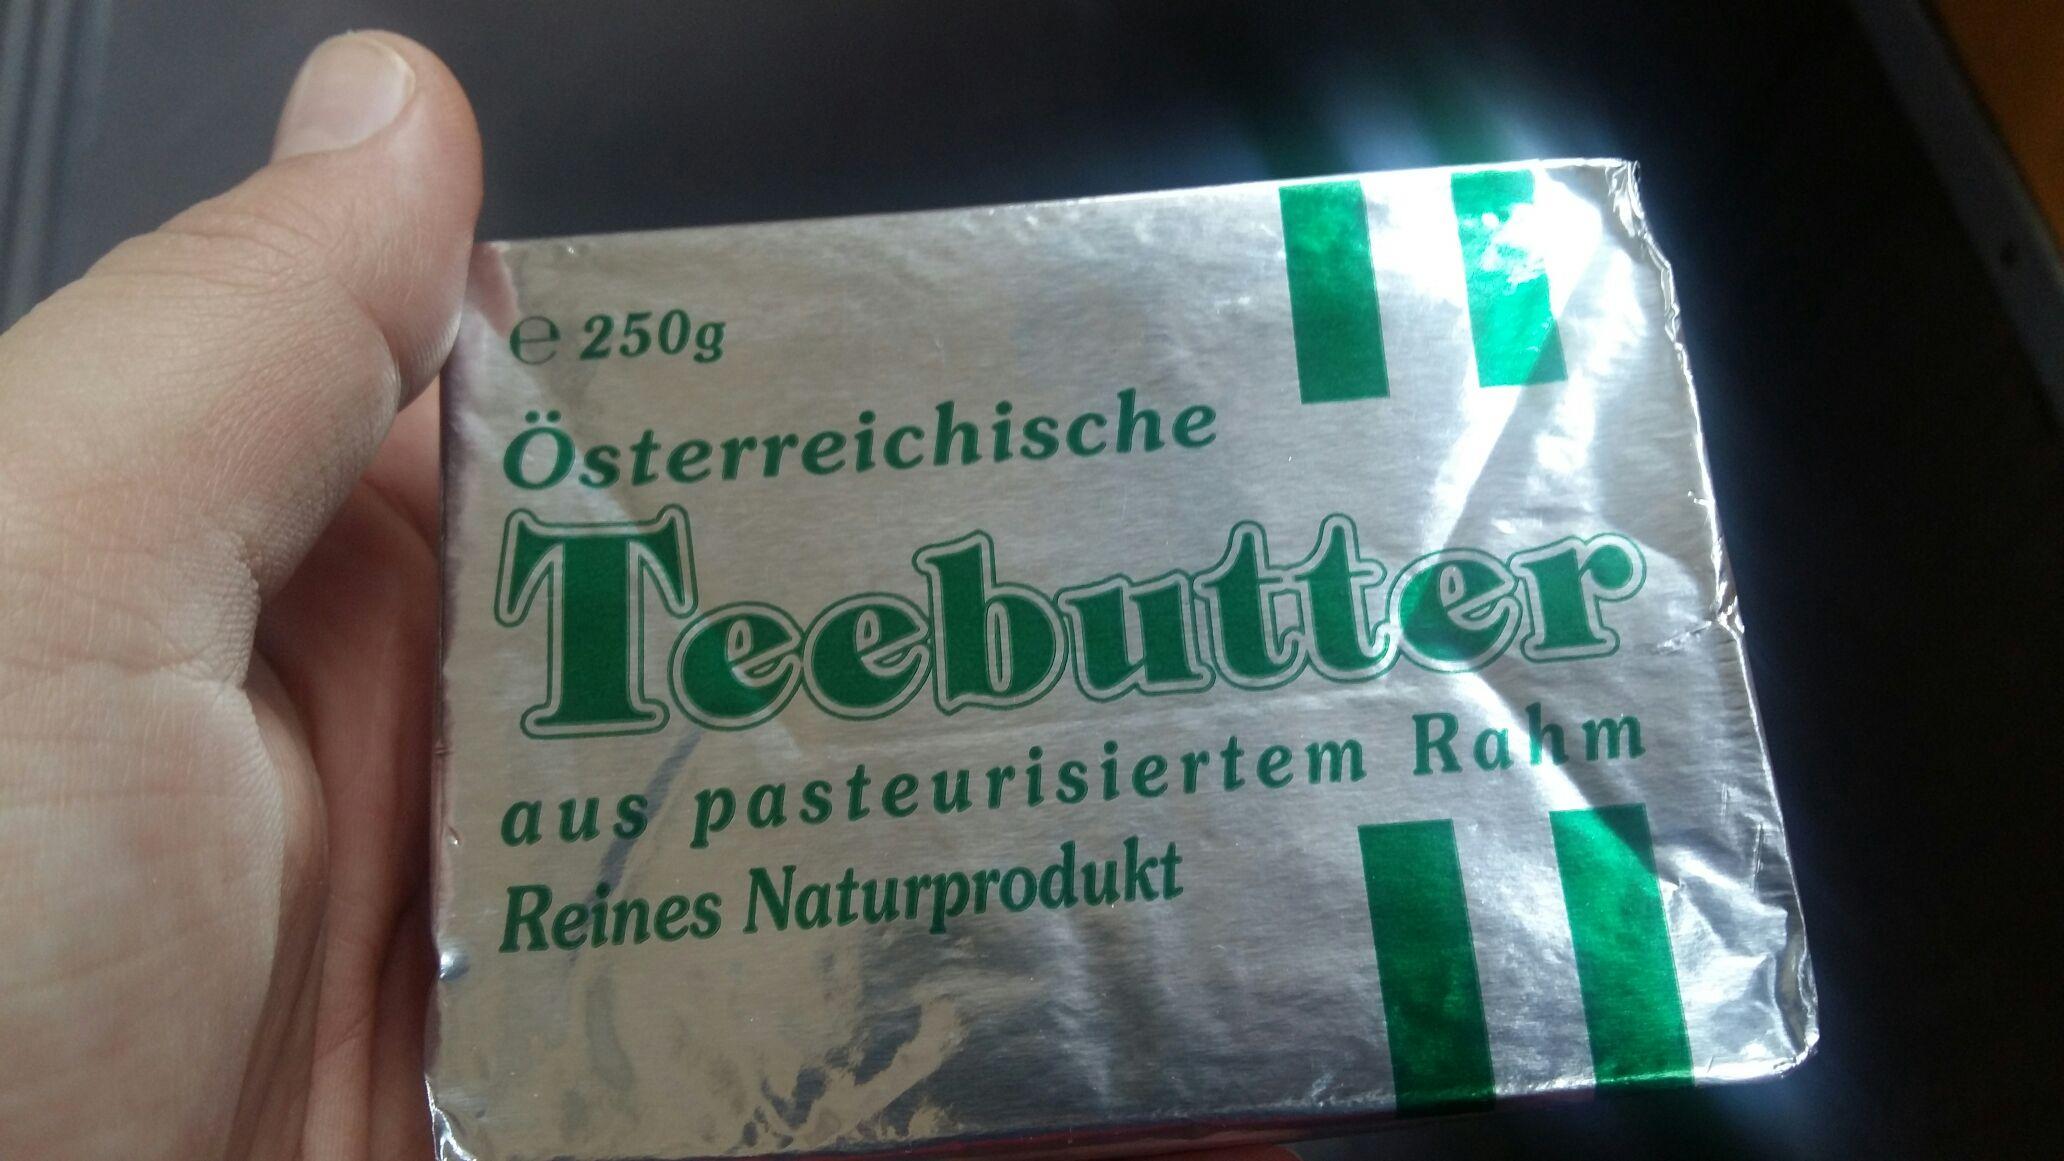 Billa Österreichische Teebutter